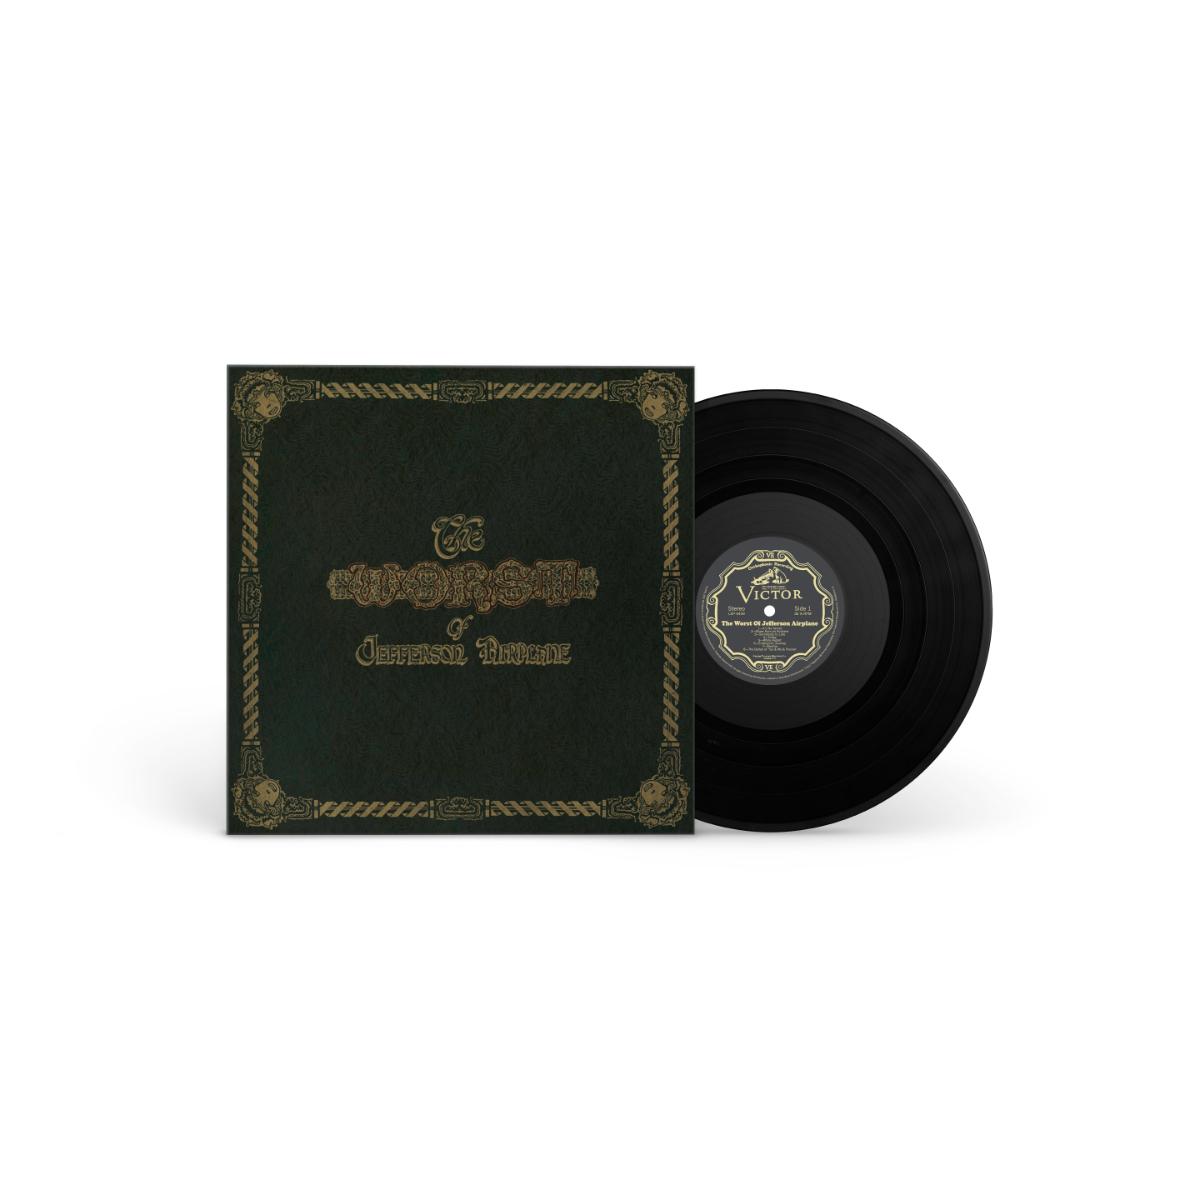 Jefferson Airplane The Worst Of Jefferson Airplane 1-LP 180g Vinyl